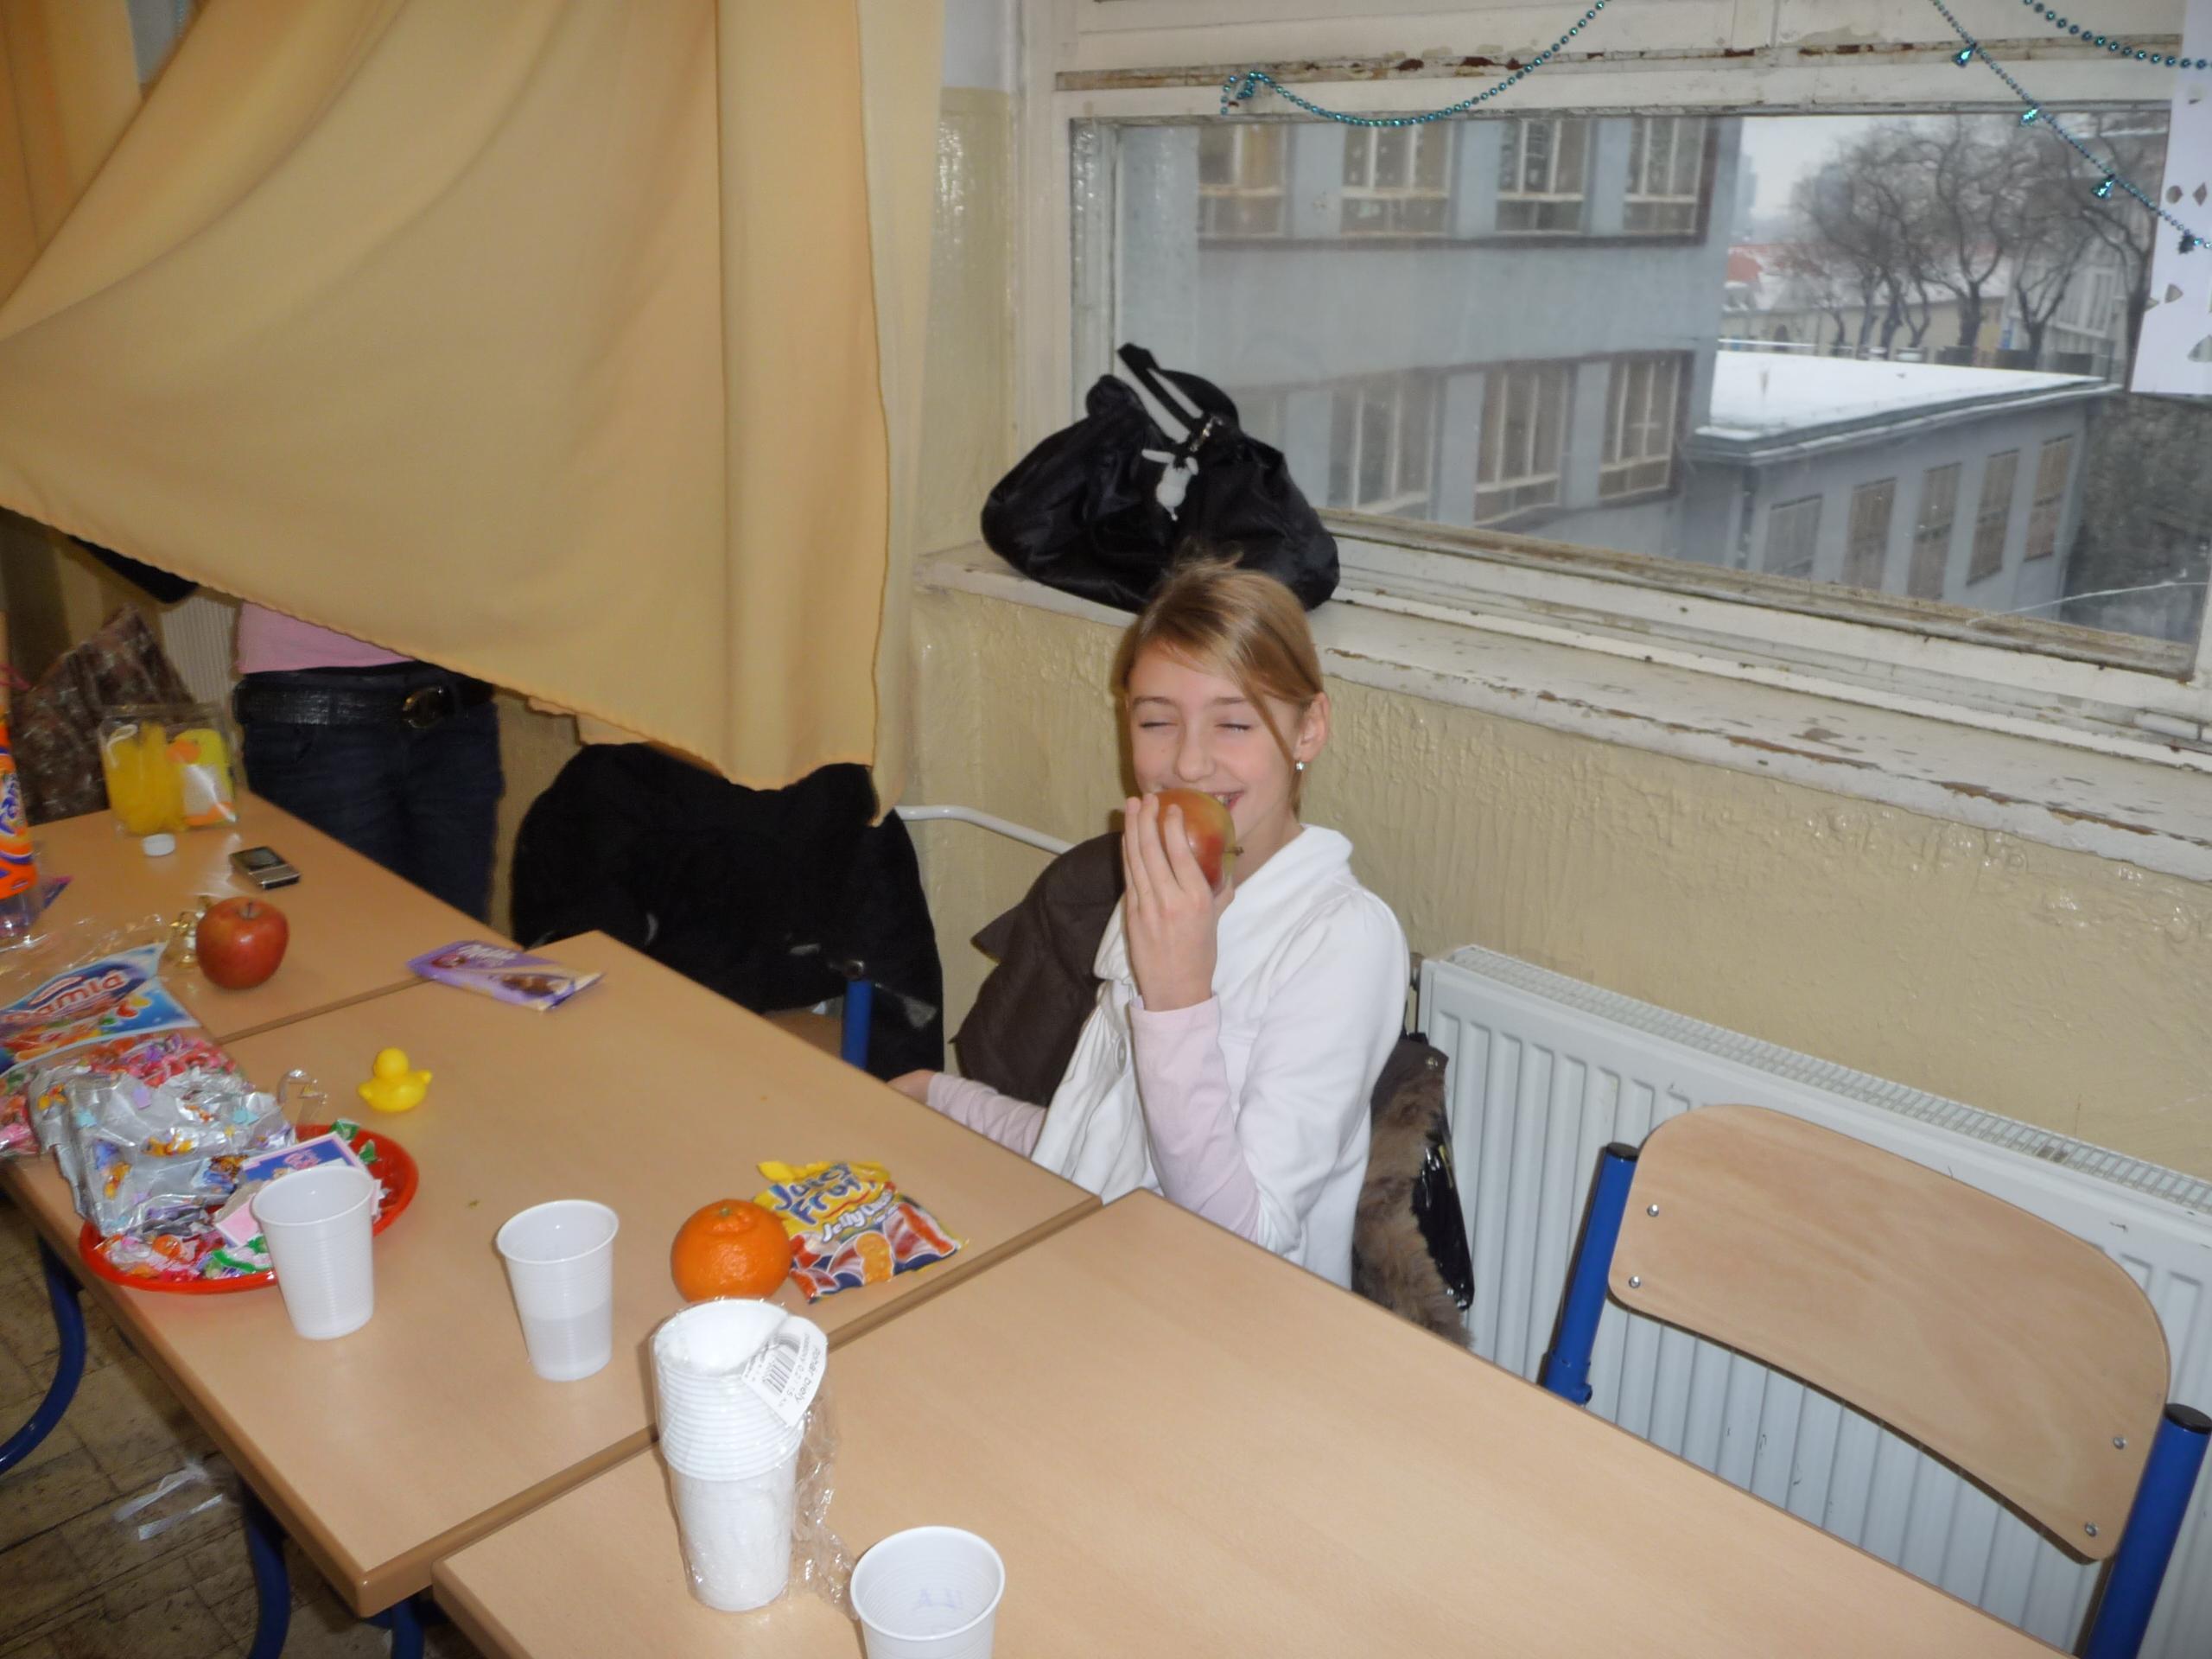 Zdravý životný štýl - Ovocie a zelenina do škôl